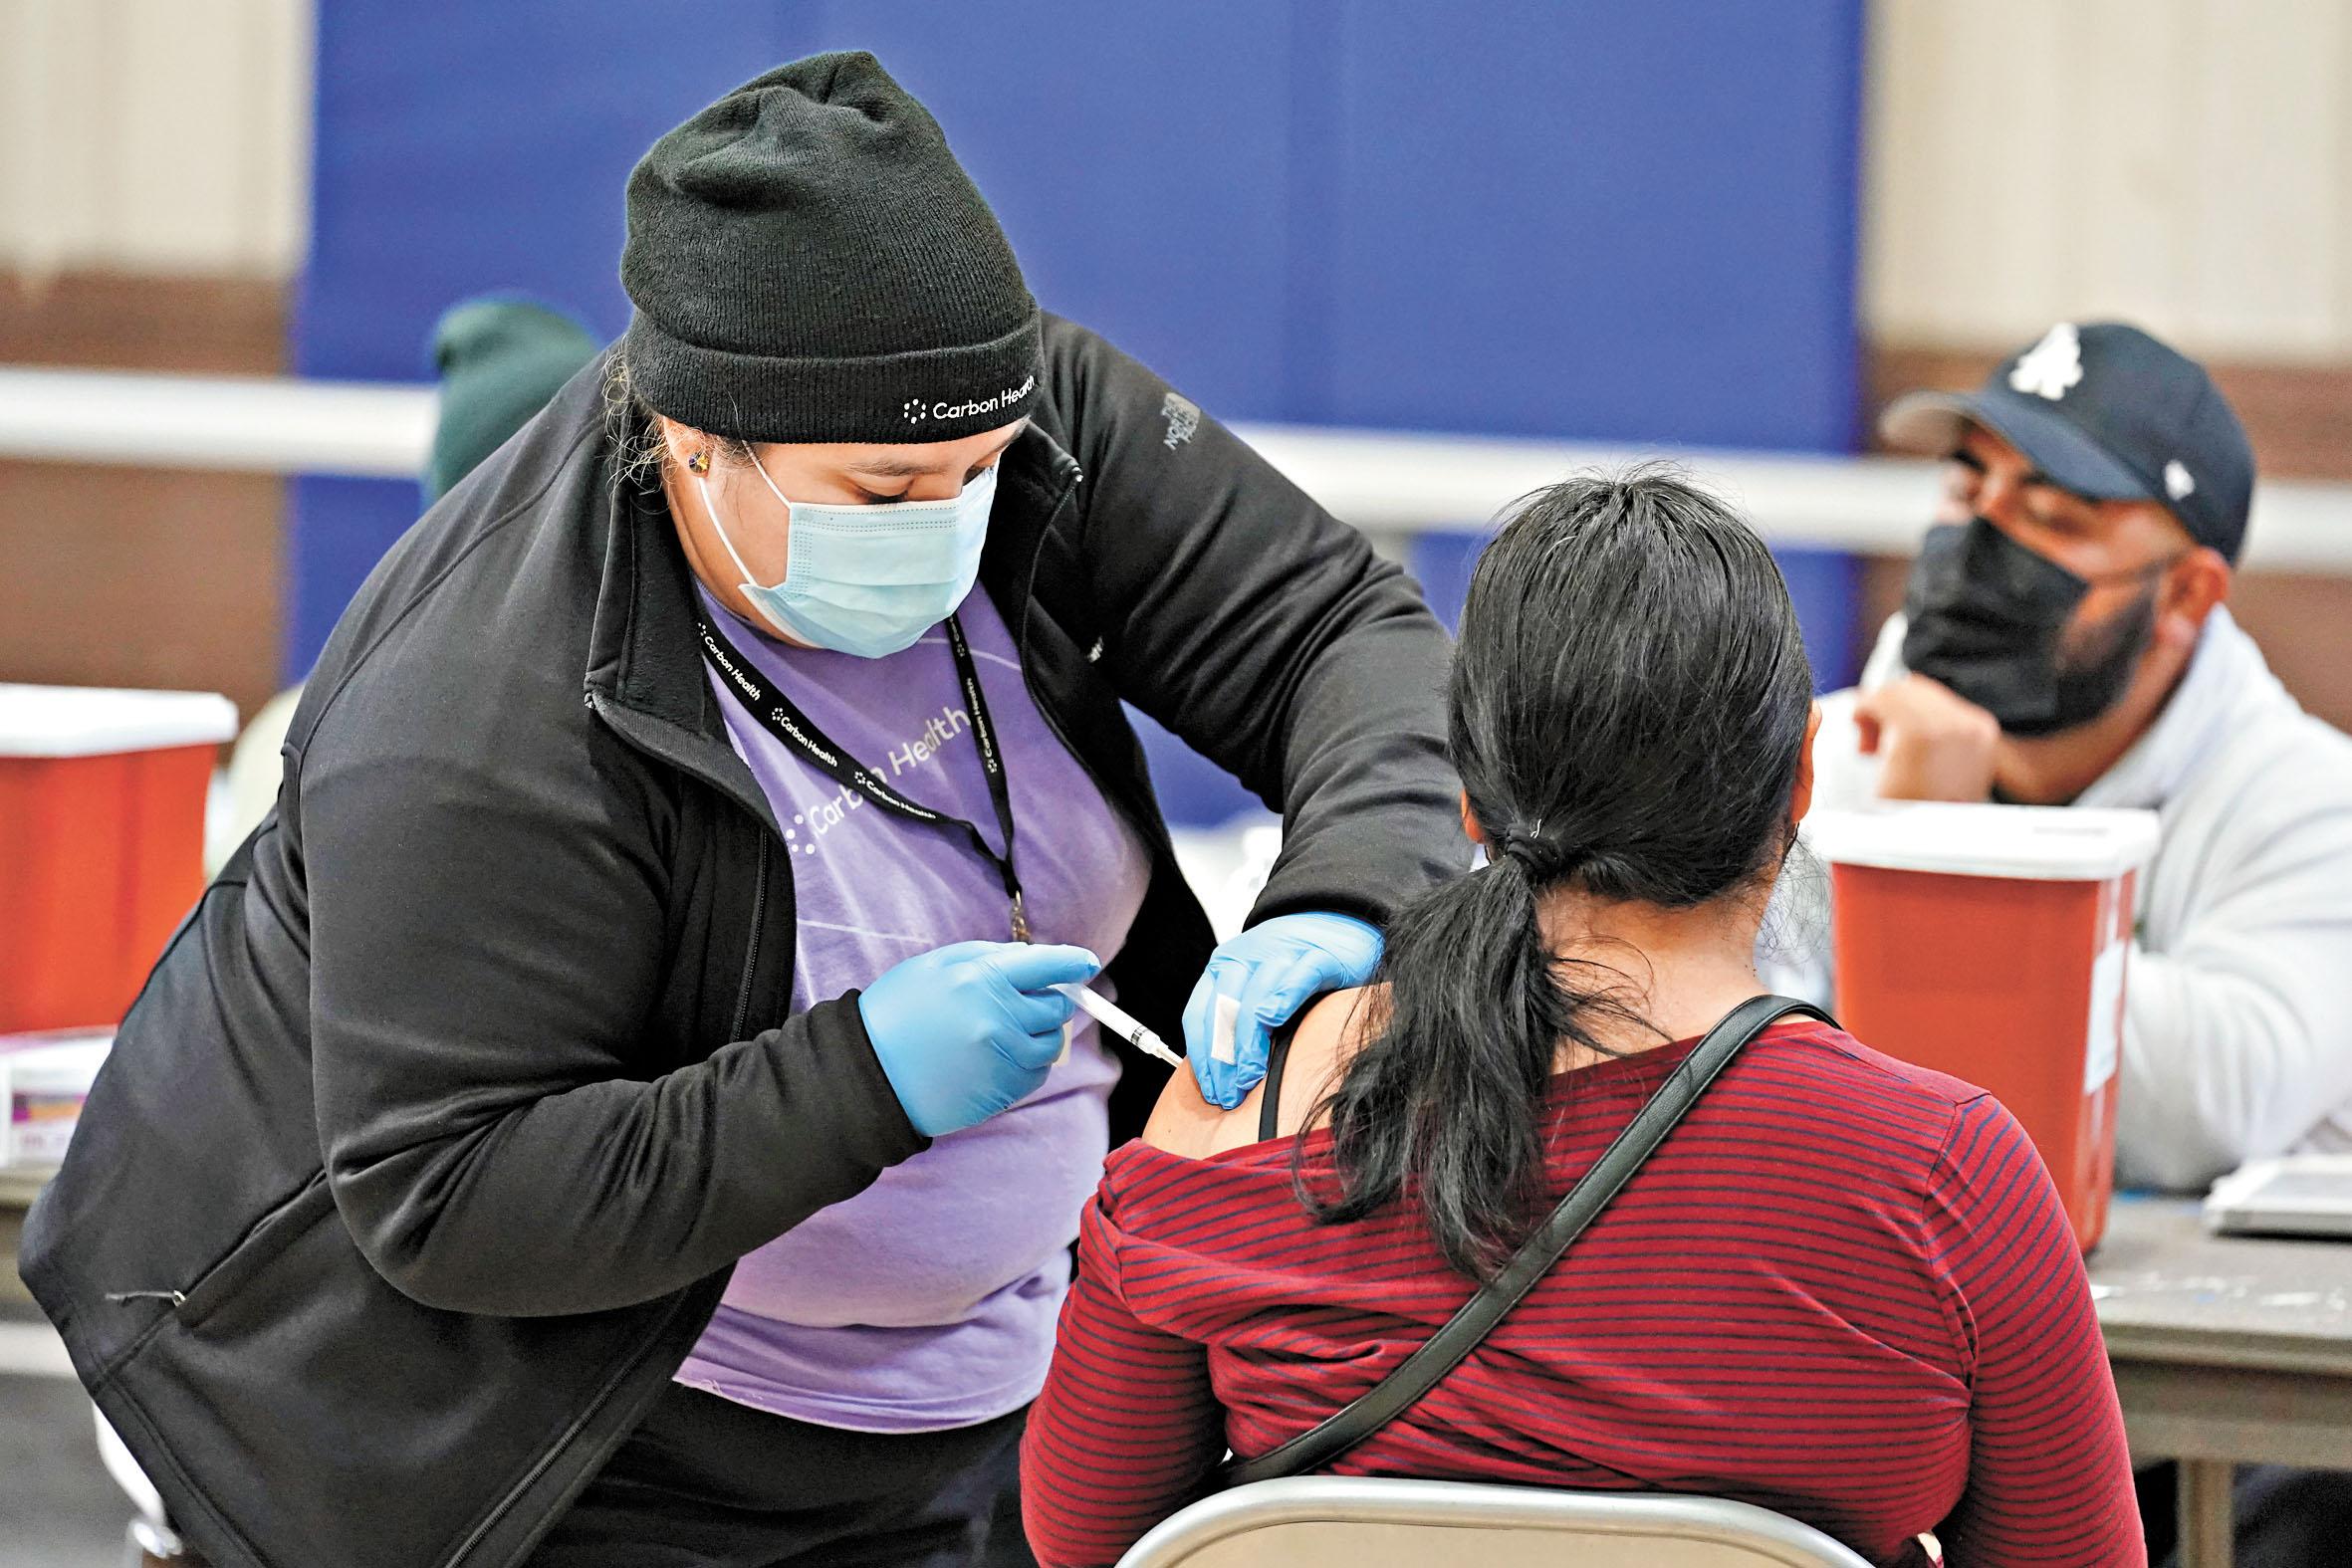 加利福尼亞州暫停使用強生公司的疫苗,圖為當地時間4月13日,民眾在注射輝瑞疫苗。 美聯社